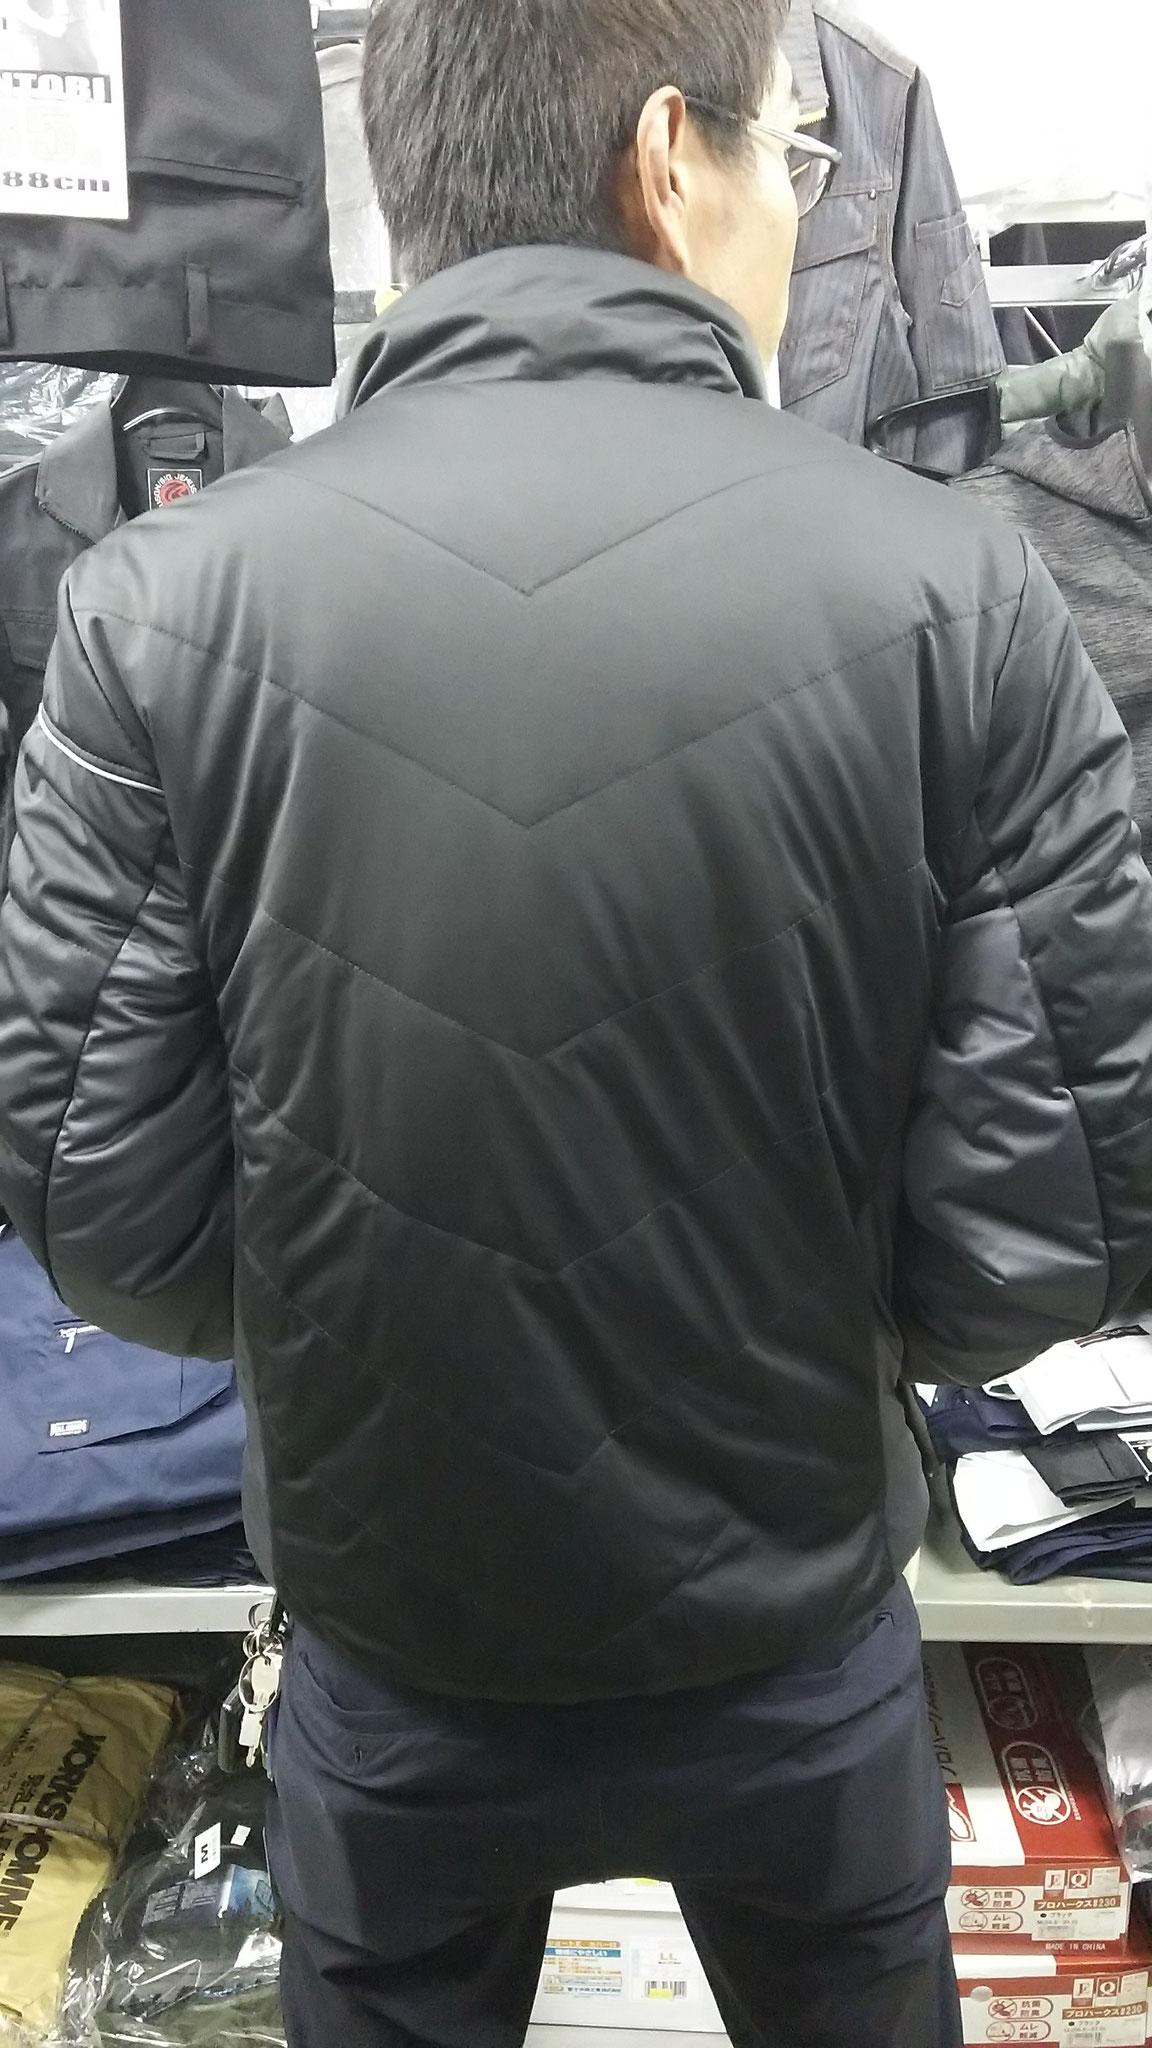 G.GROUND 44603 防風ブルゾン LLサイズを実際に着てみました。後姿もタイトに決まってますよね(笑)でもけっこうゆったりです。